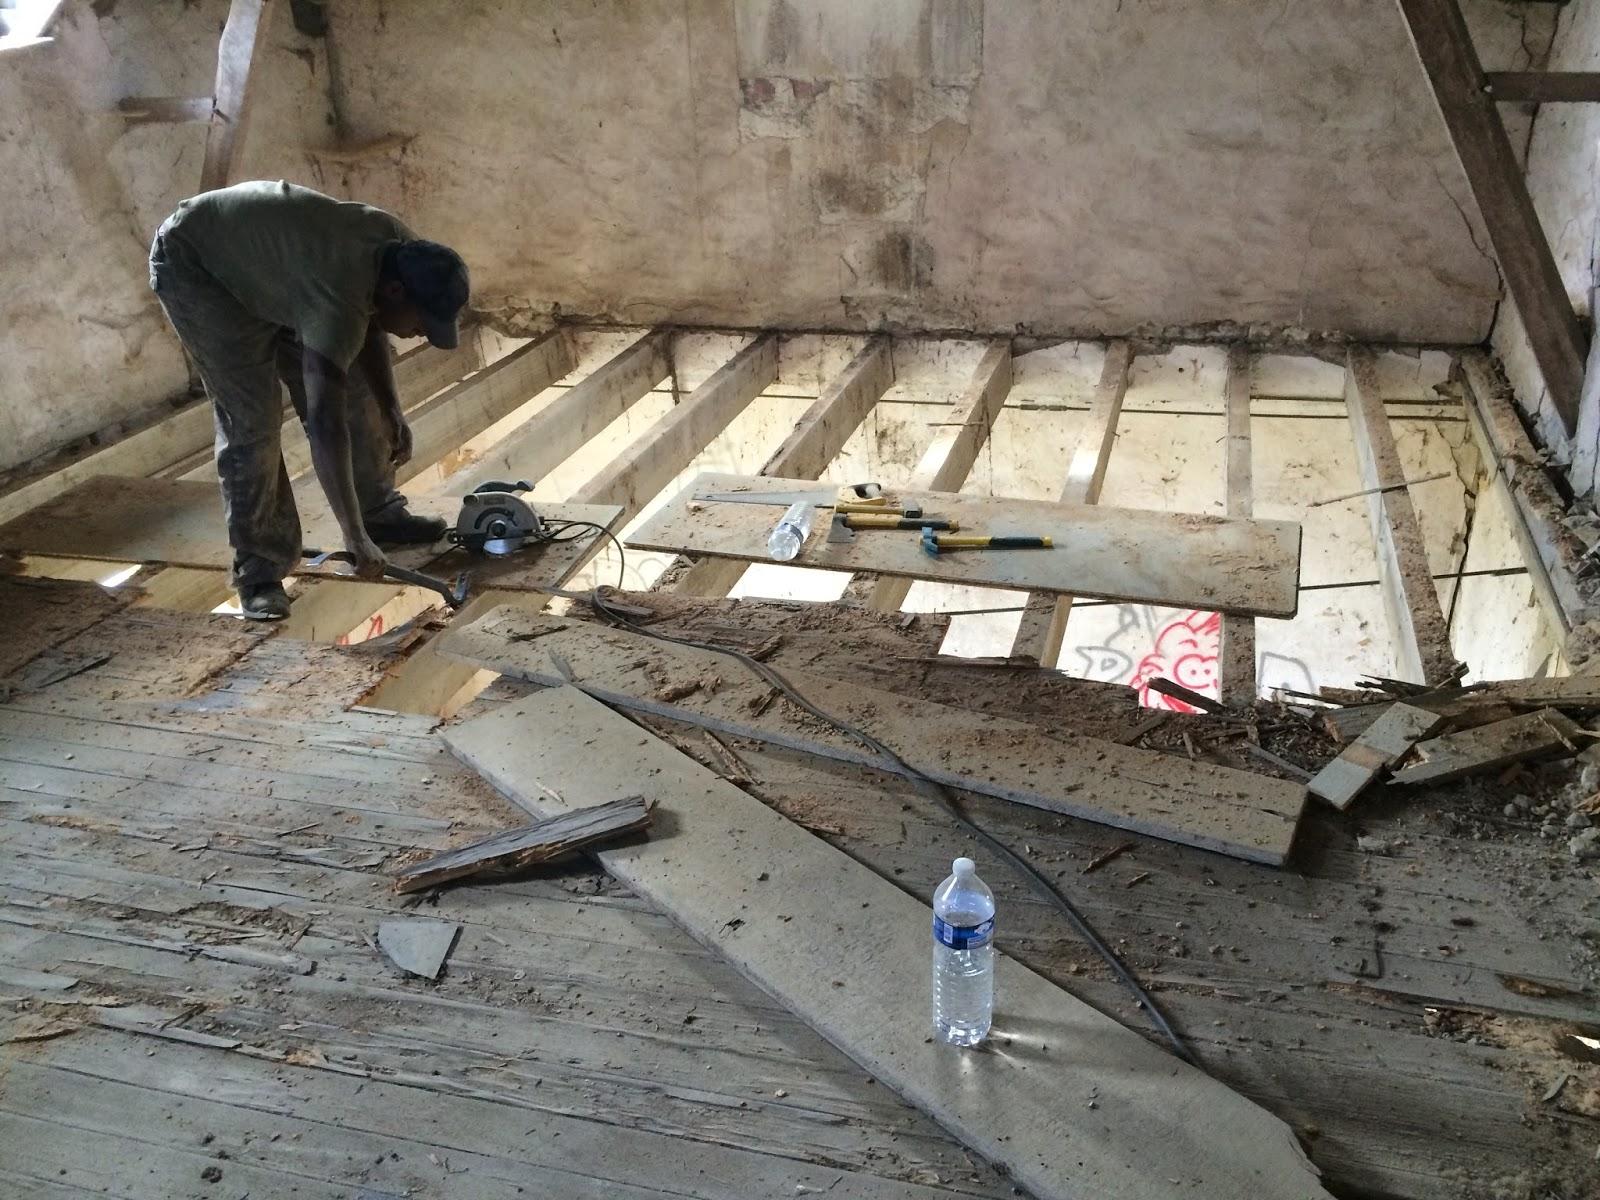 R novation d une maison de campagne plancher du grenier - Renovation maison de campagne ...